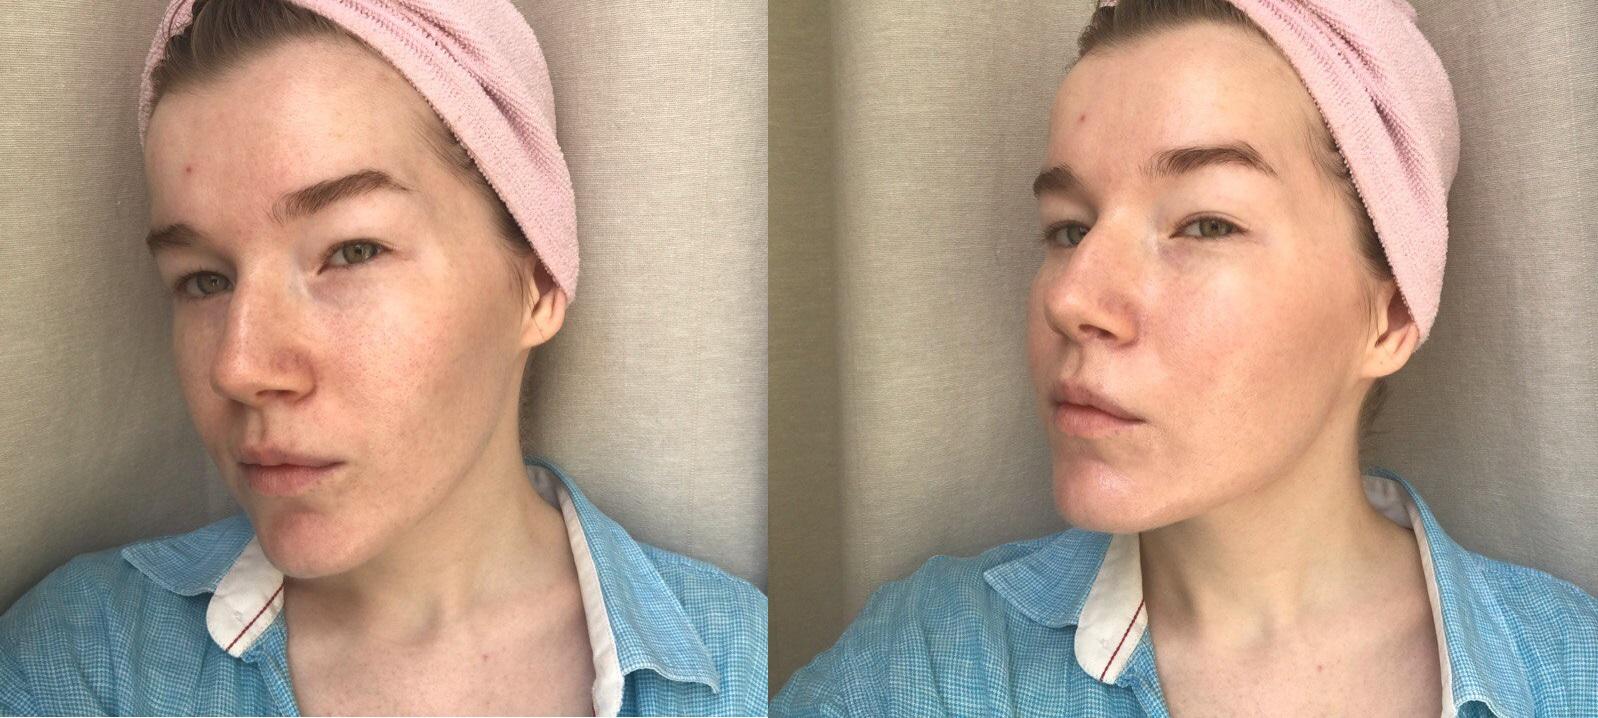 Слева - чистая кожа, справа - через пару минут после нанесения